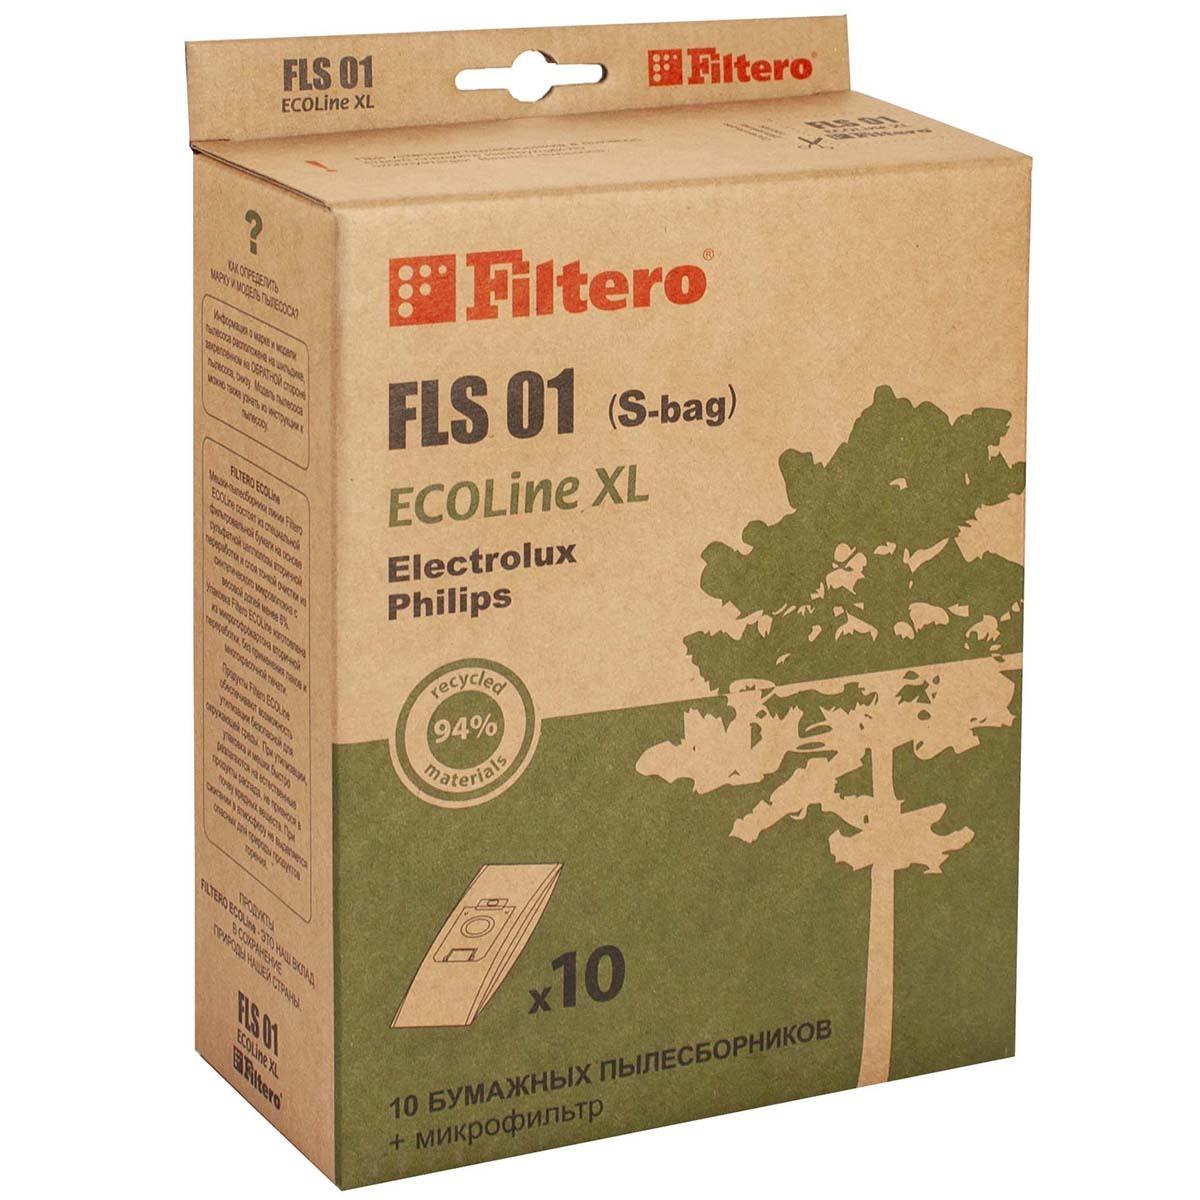 Мешок-пылесборник Filtero ECOLine XL FLS 01, 10 шт